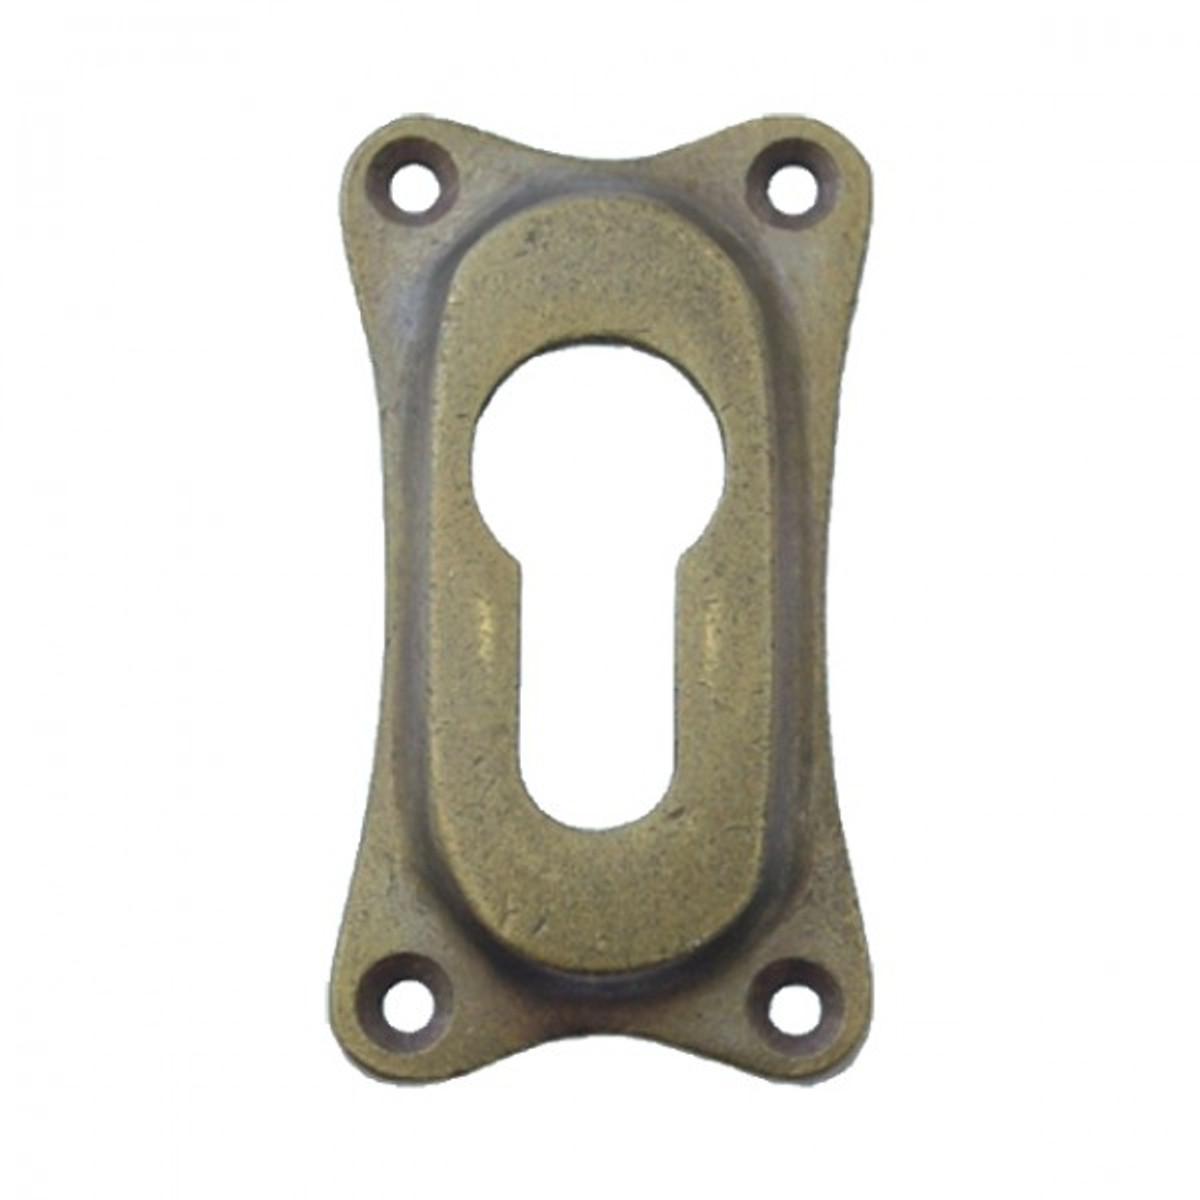 PZ Schließzylinder Abdeckung Rosette aus Messing für Ihre Tür. Hochwertige Profilzylinder Rosette im Antik Look